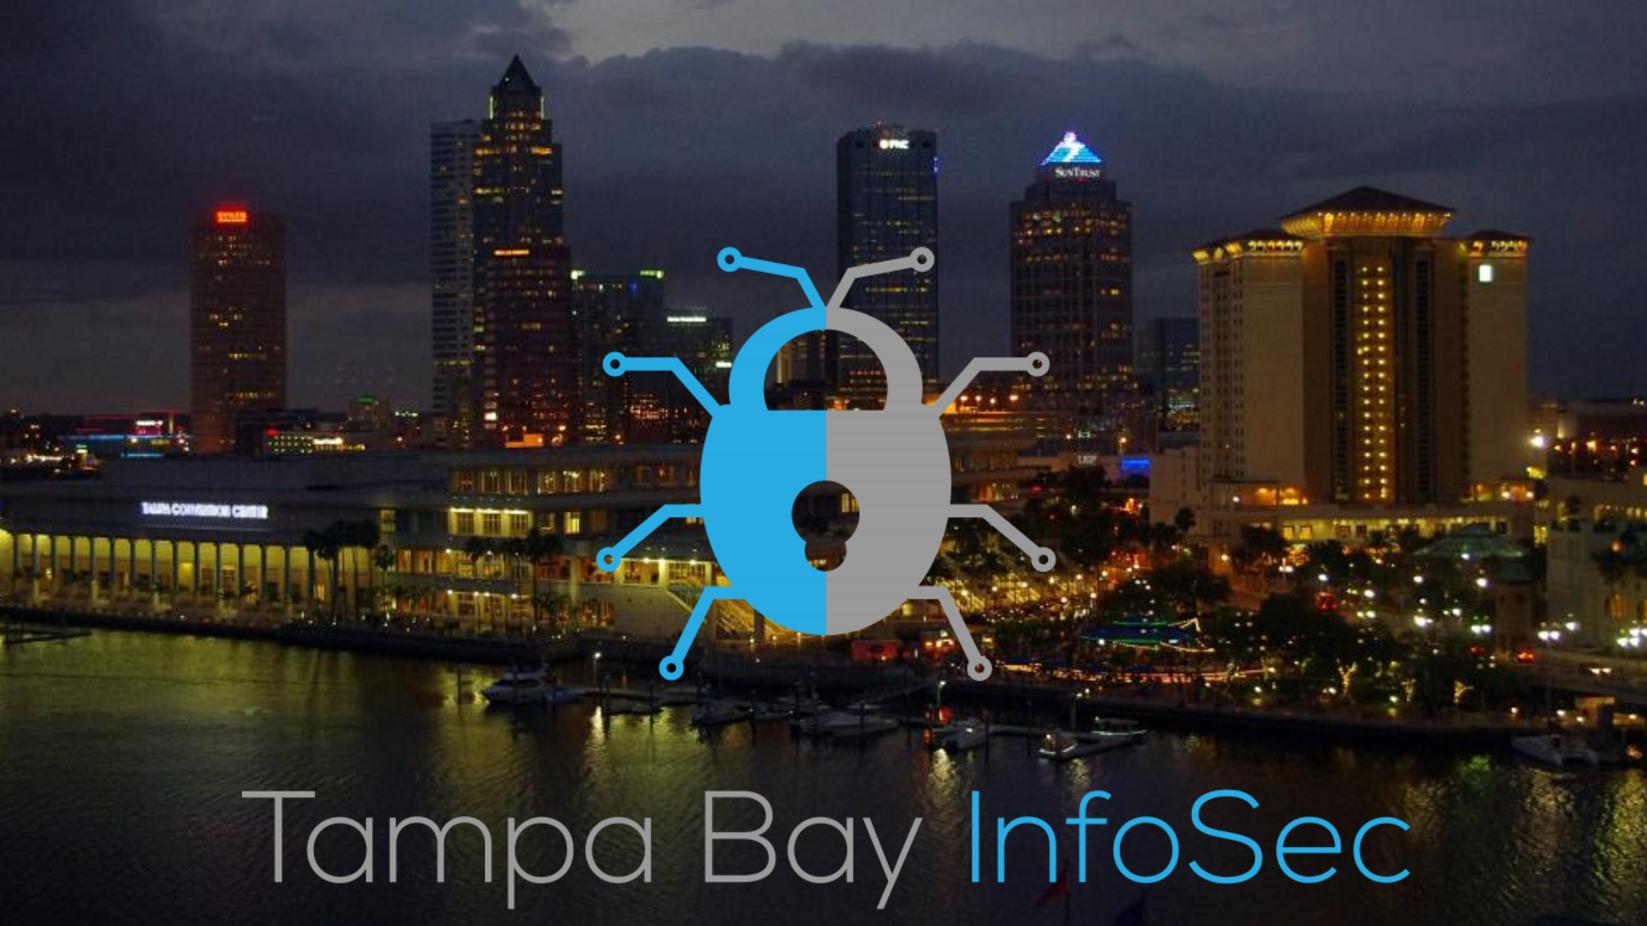 Tampa Bay InfoSec